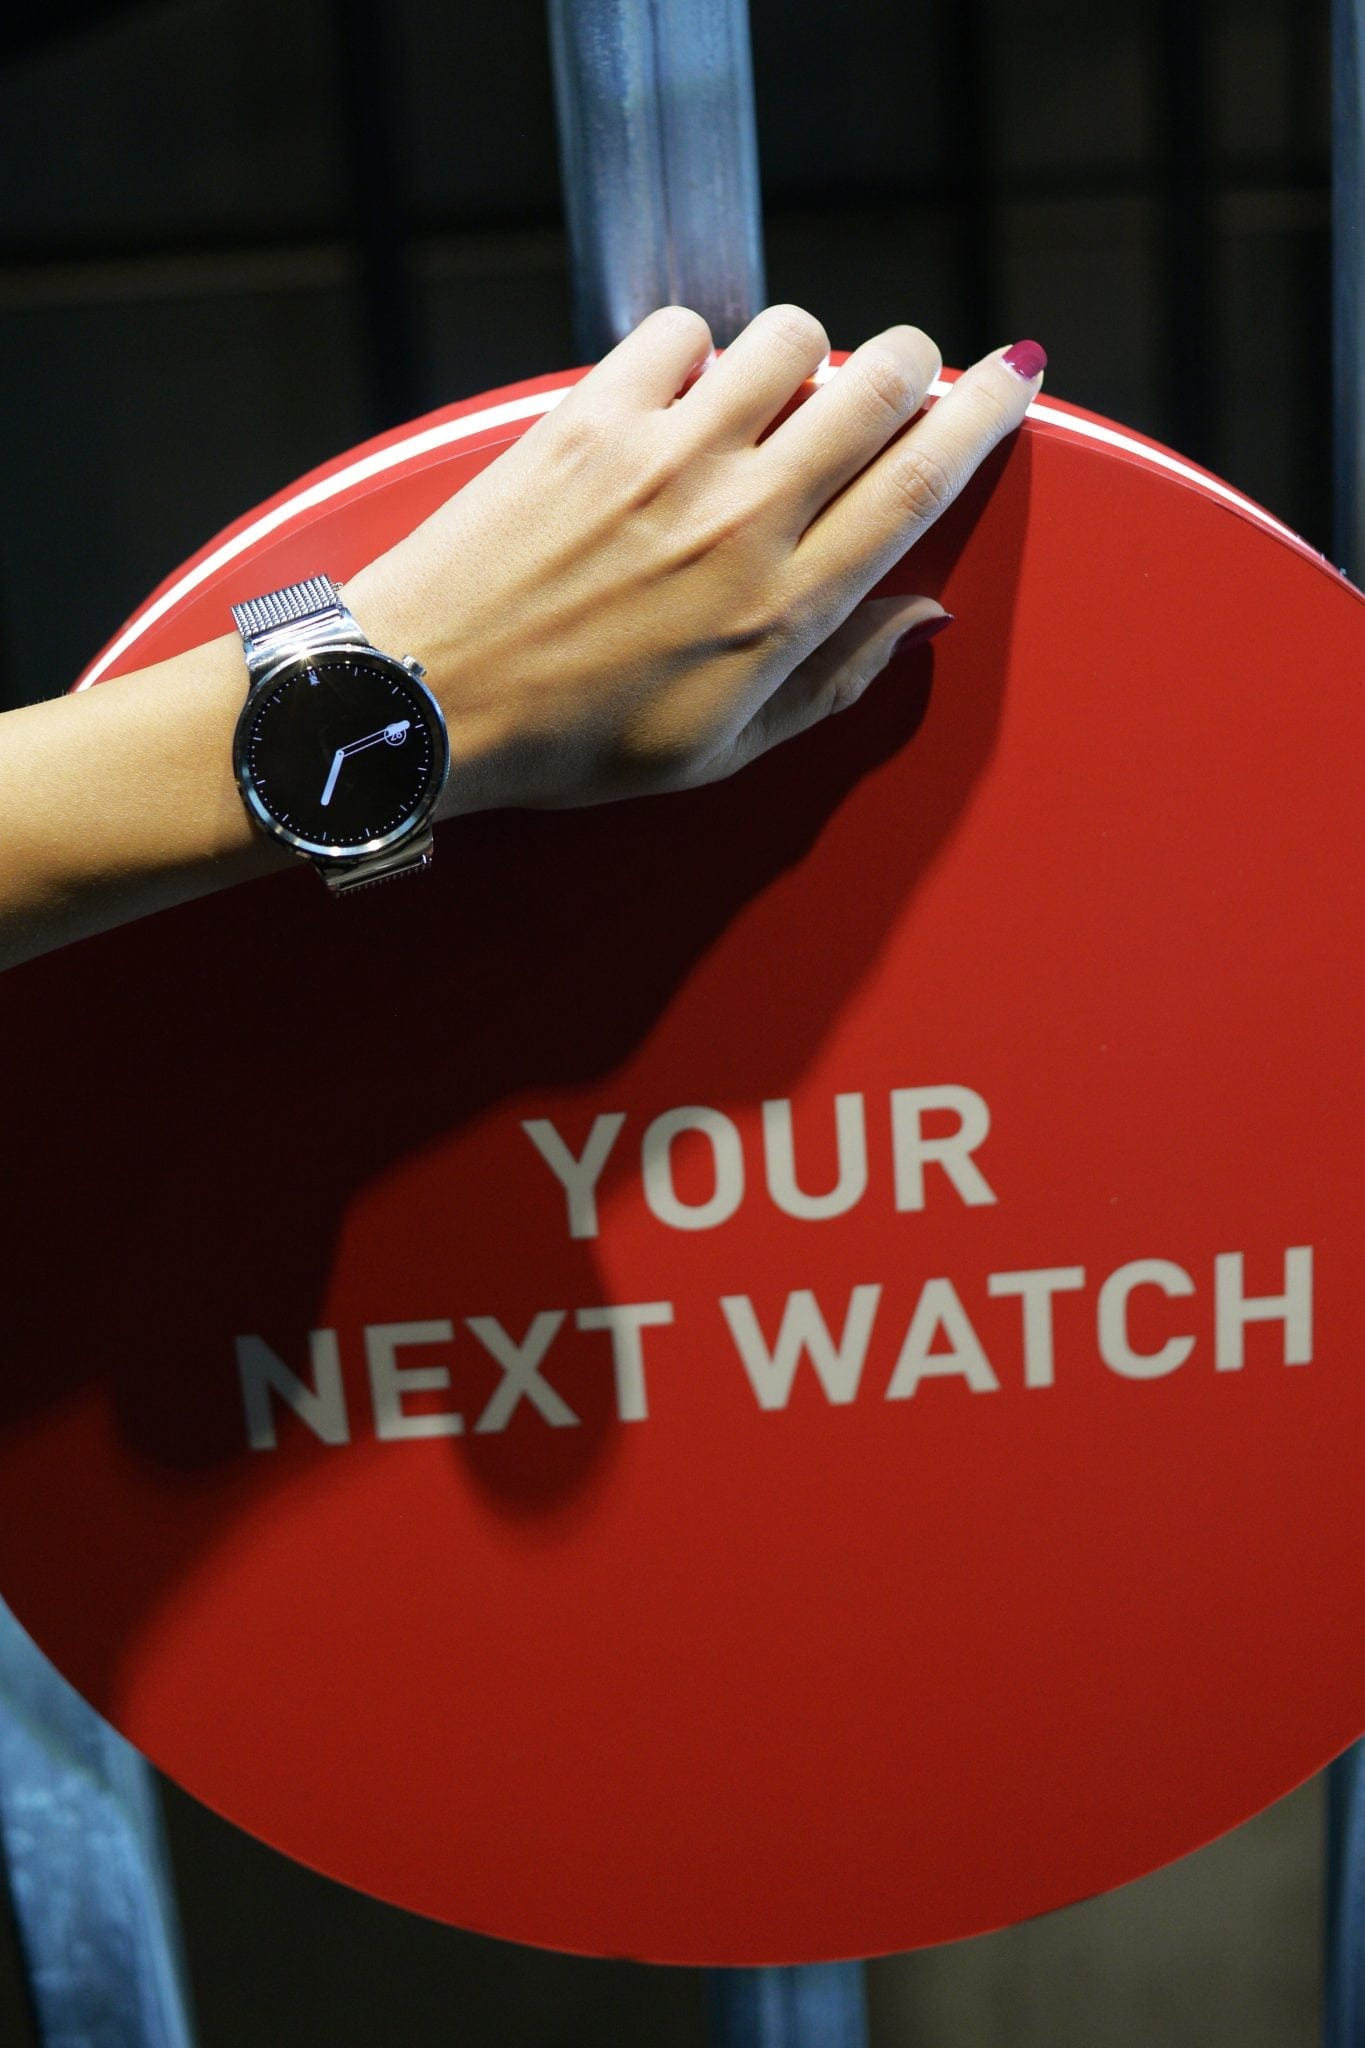 Huawei Watch a fost lansat oficial în România, prețul este de 399 euro